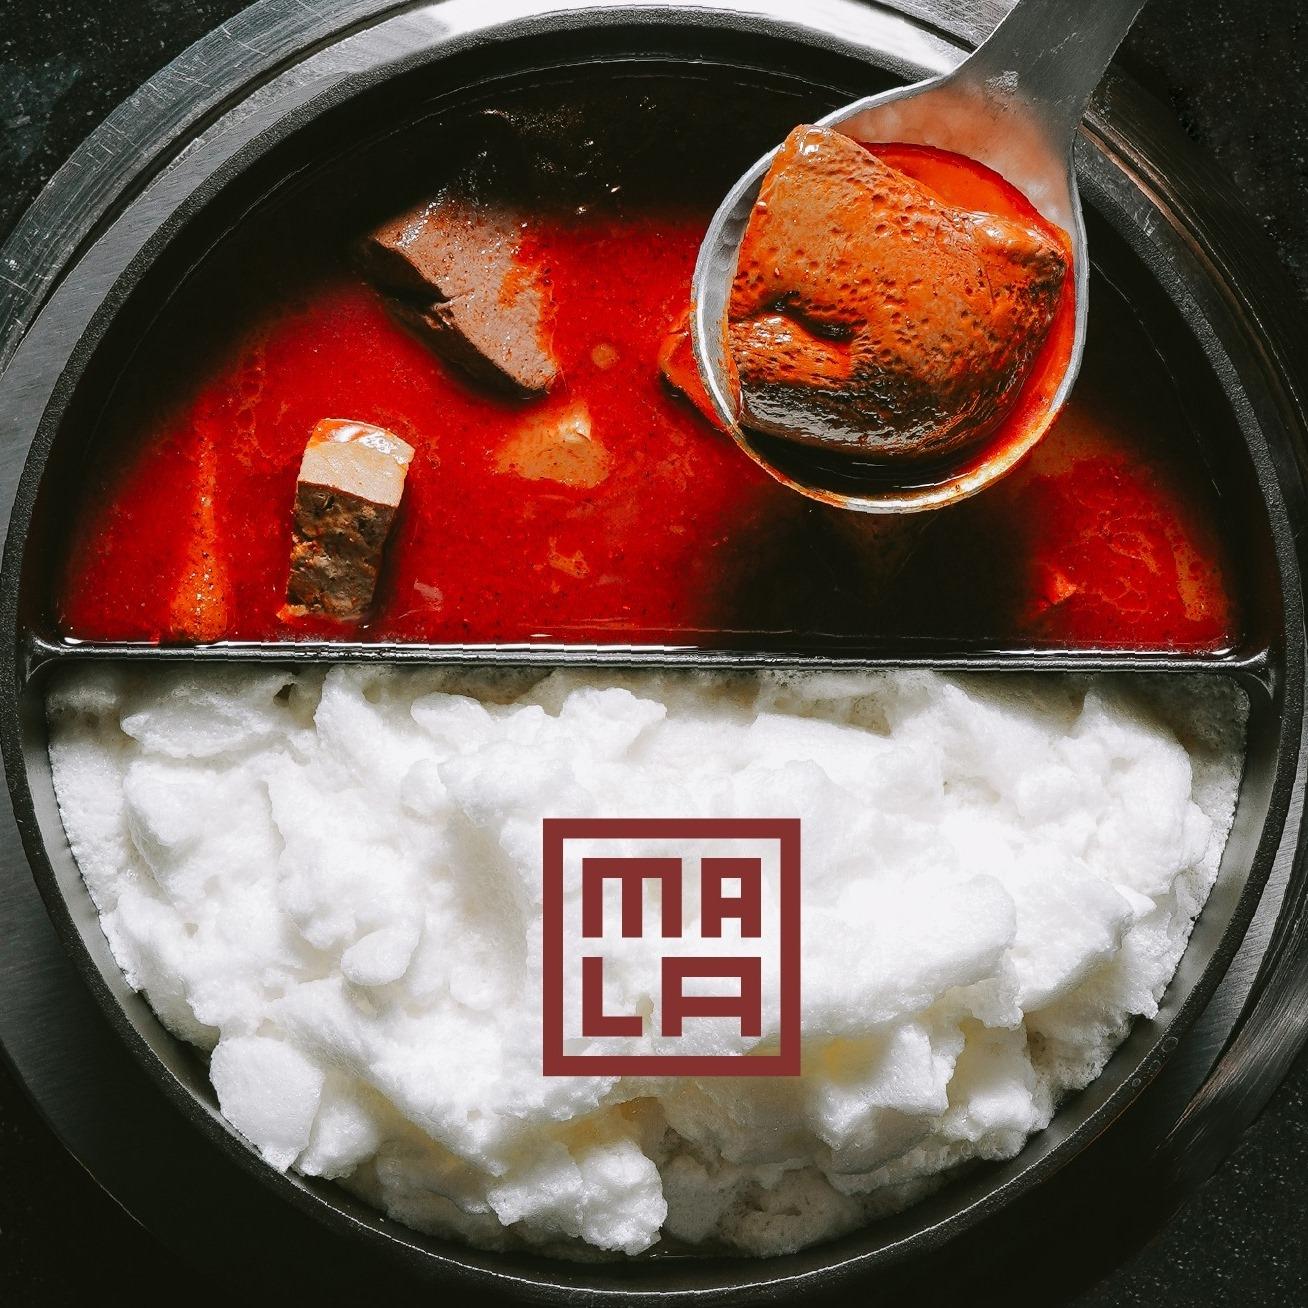 【菜單】碳佐TANGO麻辣鴛鴦鍋菜單 2021年最新價目表 分店據點